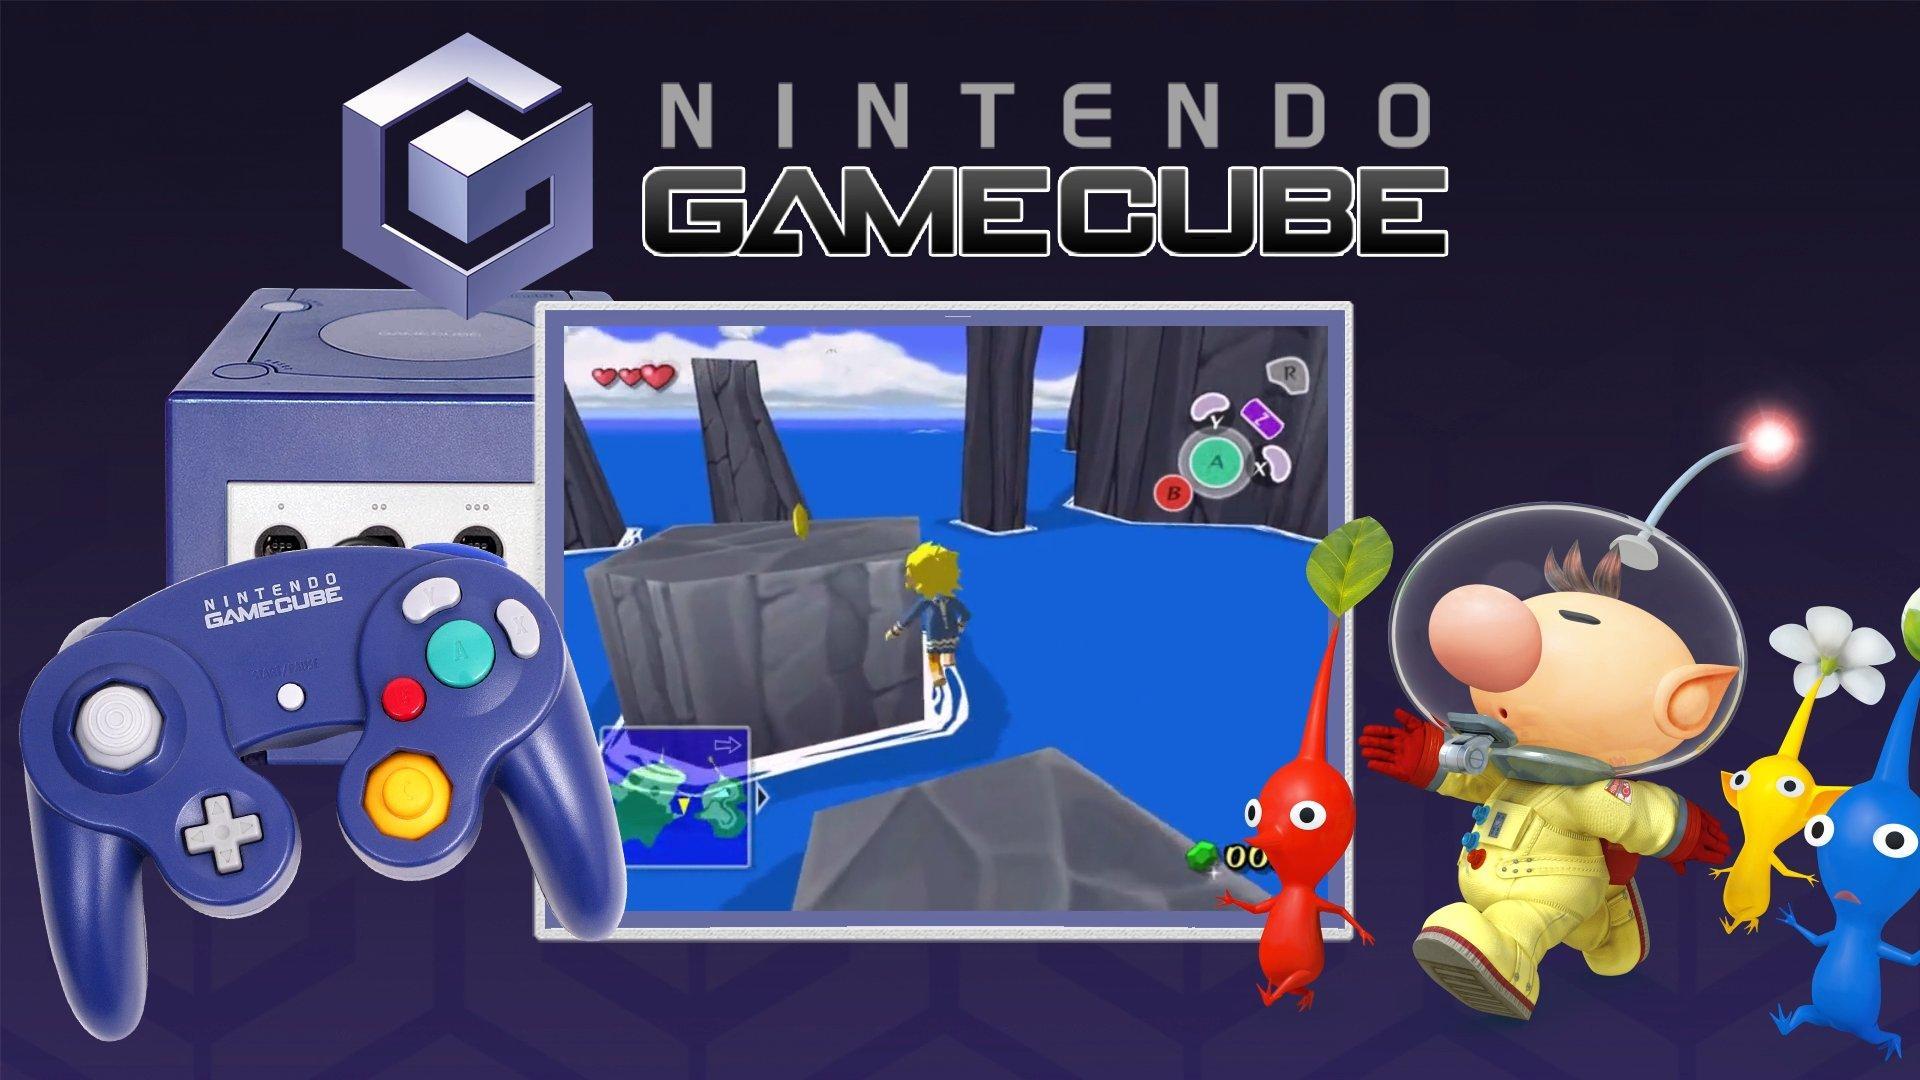 Gamecube Unified Pikmin Platform Video 16x9 Hd Platform Videos Emumovies